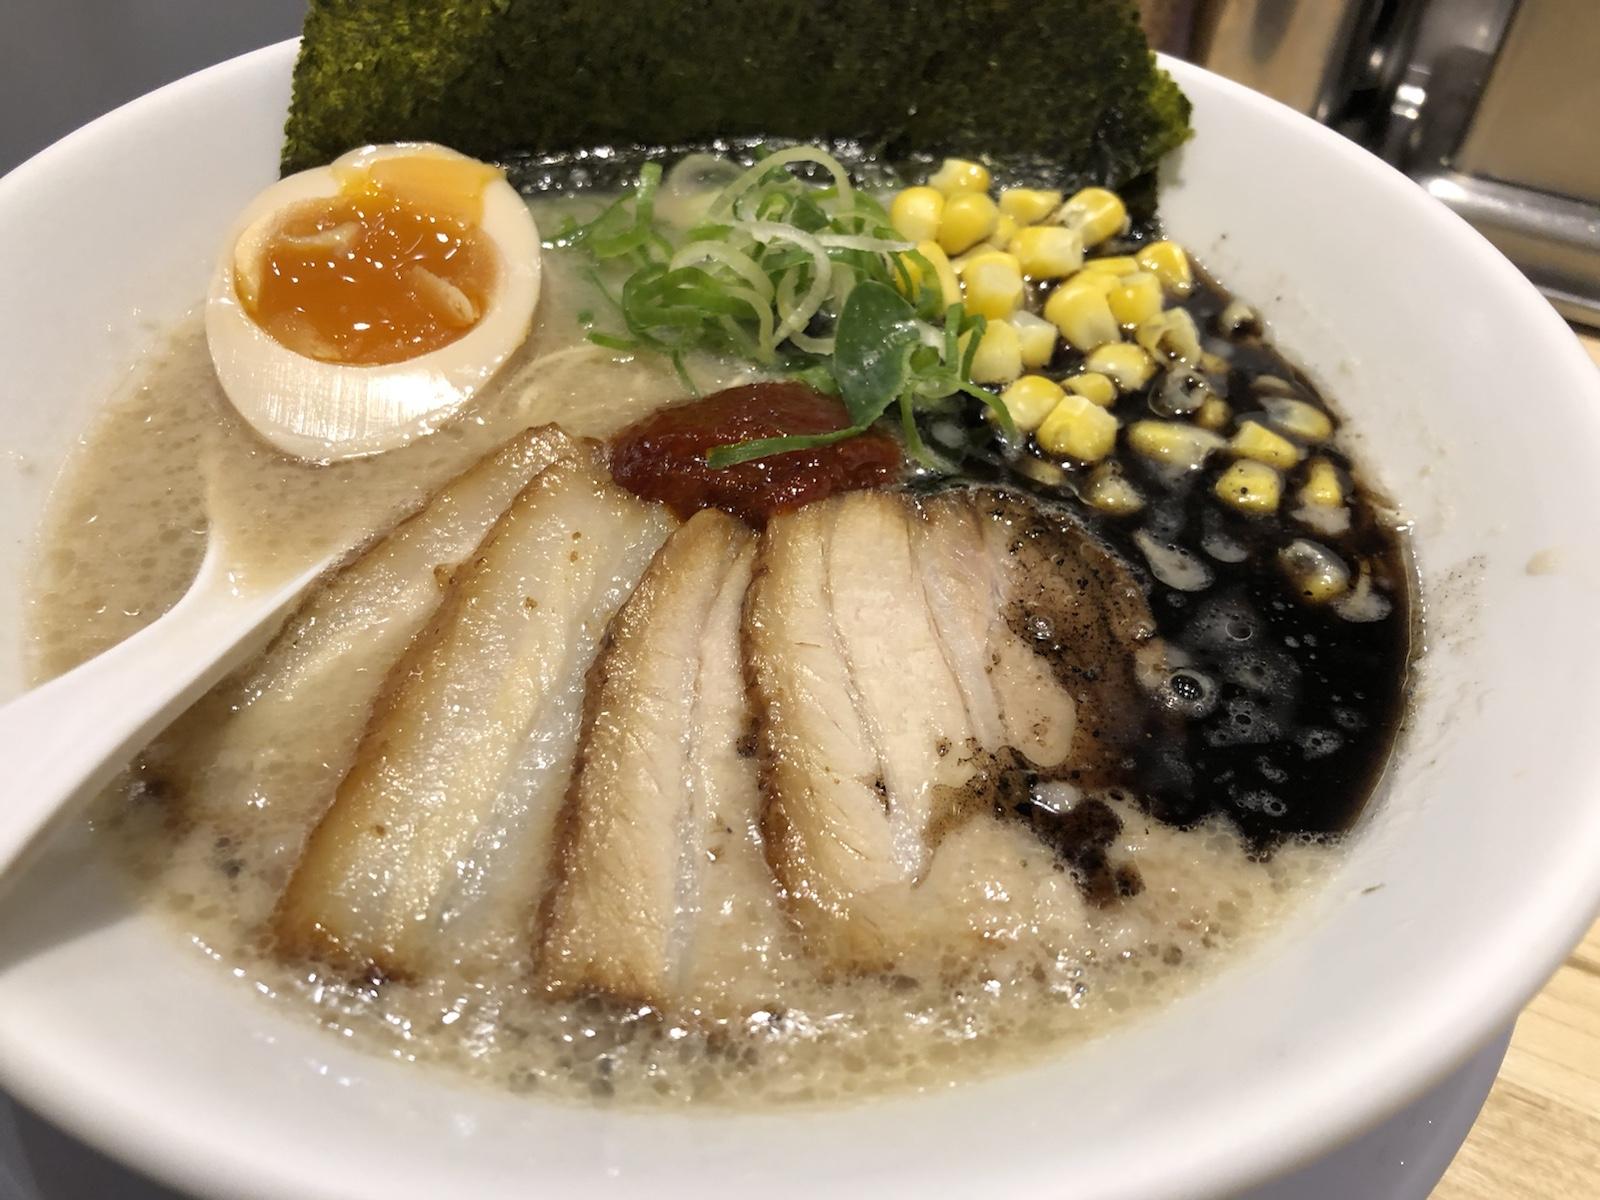 「一風堂SHIROMARU-BASE」渋谷店 創業の特濃スープと革新の味